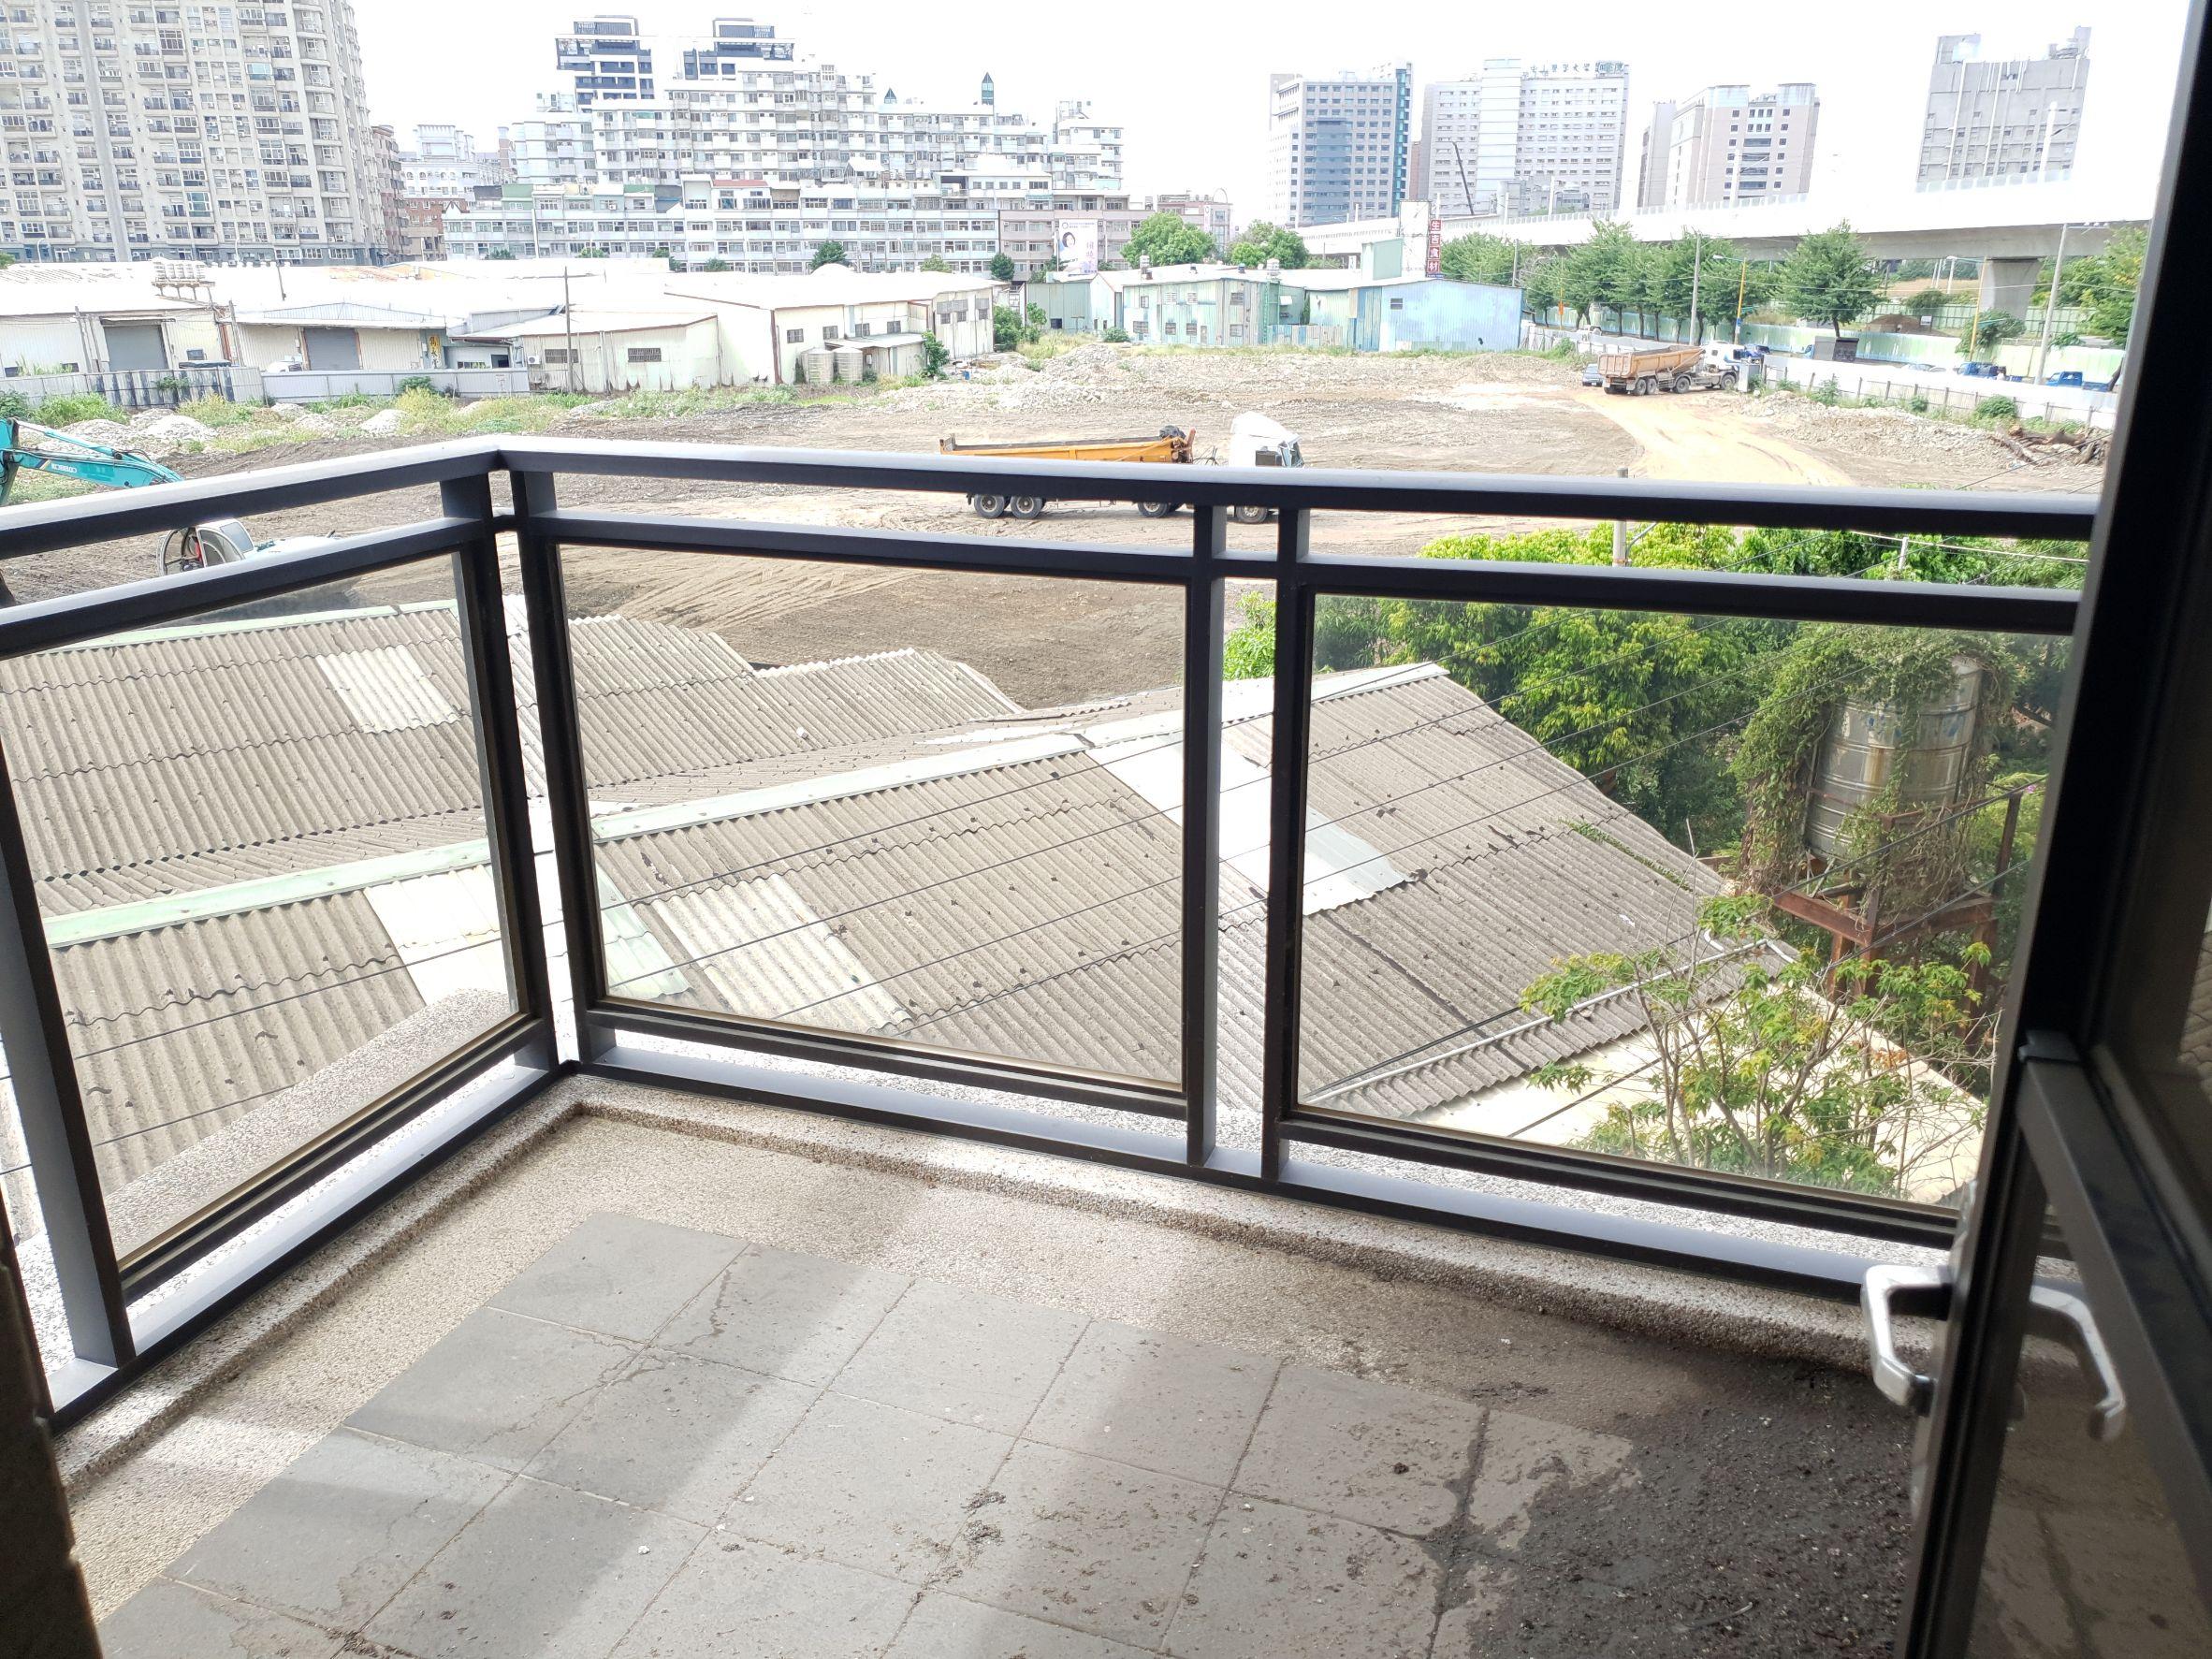 【悠森學】大慶双捷站/ 低樓層 /四房平車